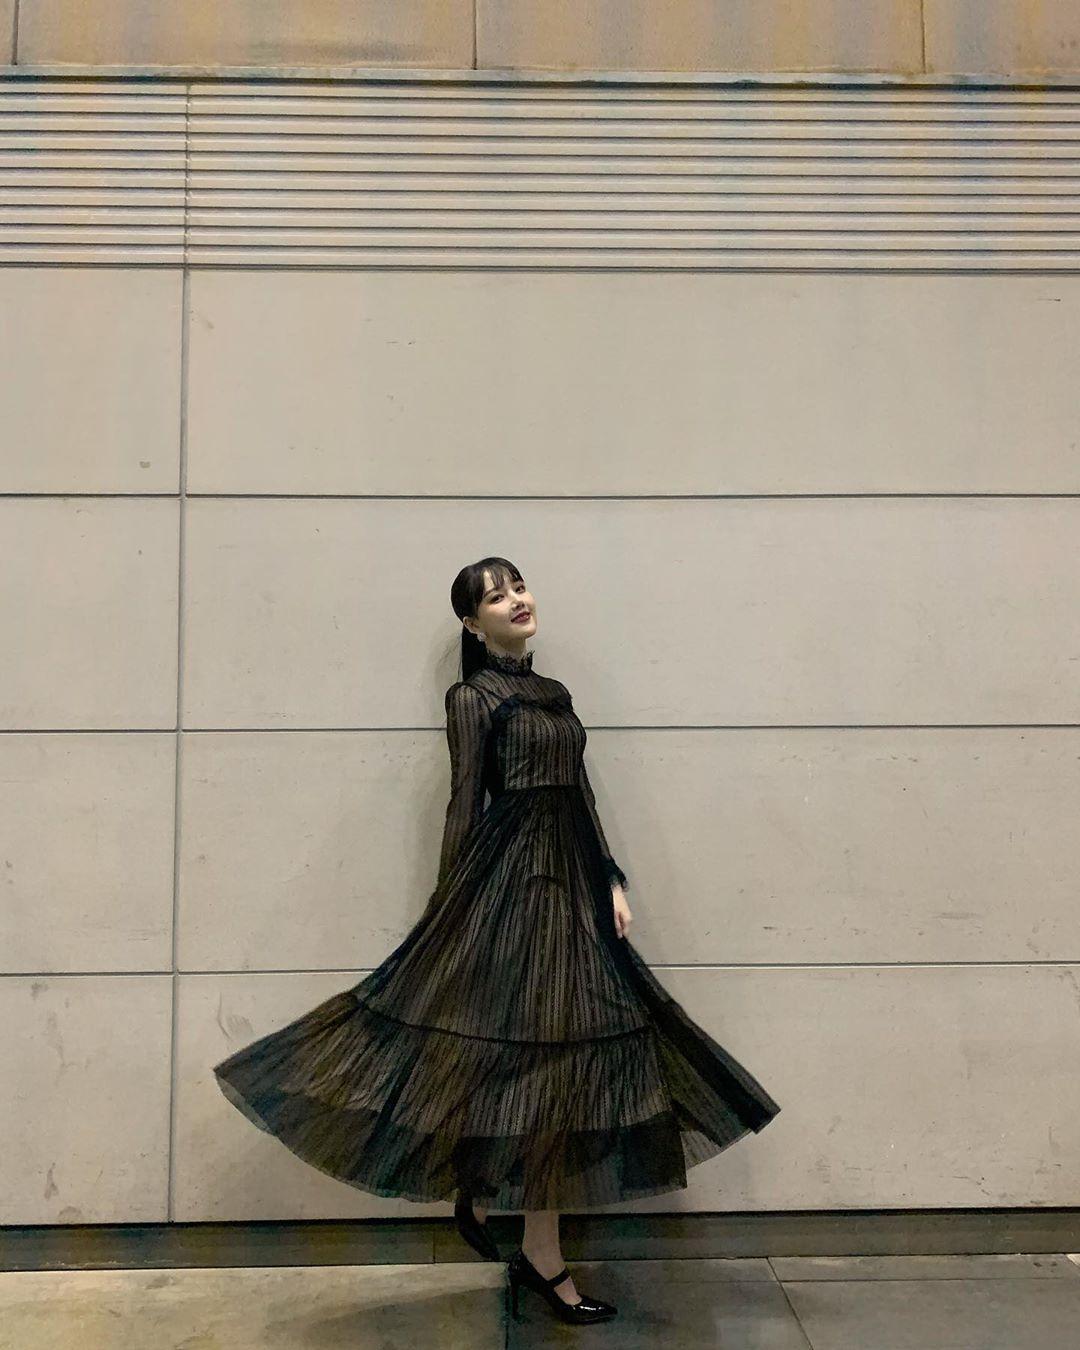 đầm cho dáng hình chữ nhật đầm váy xòe đen